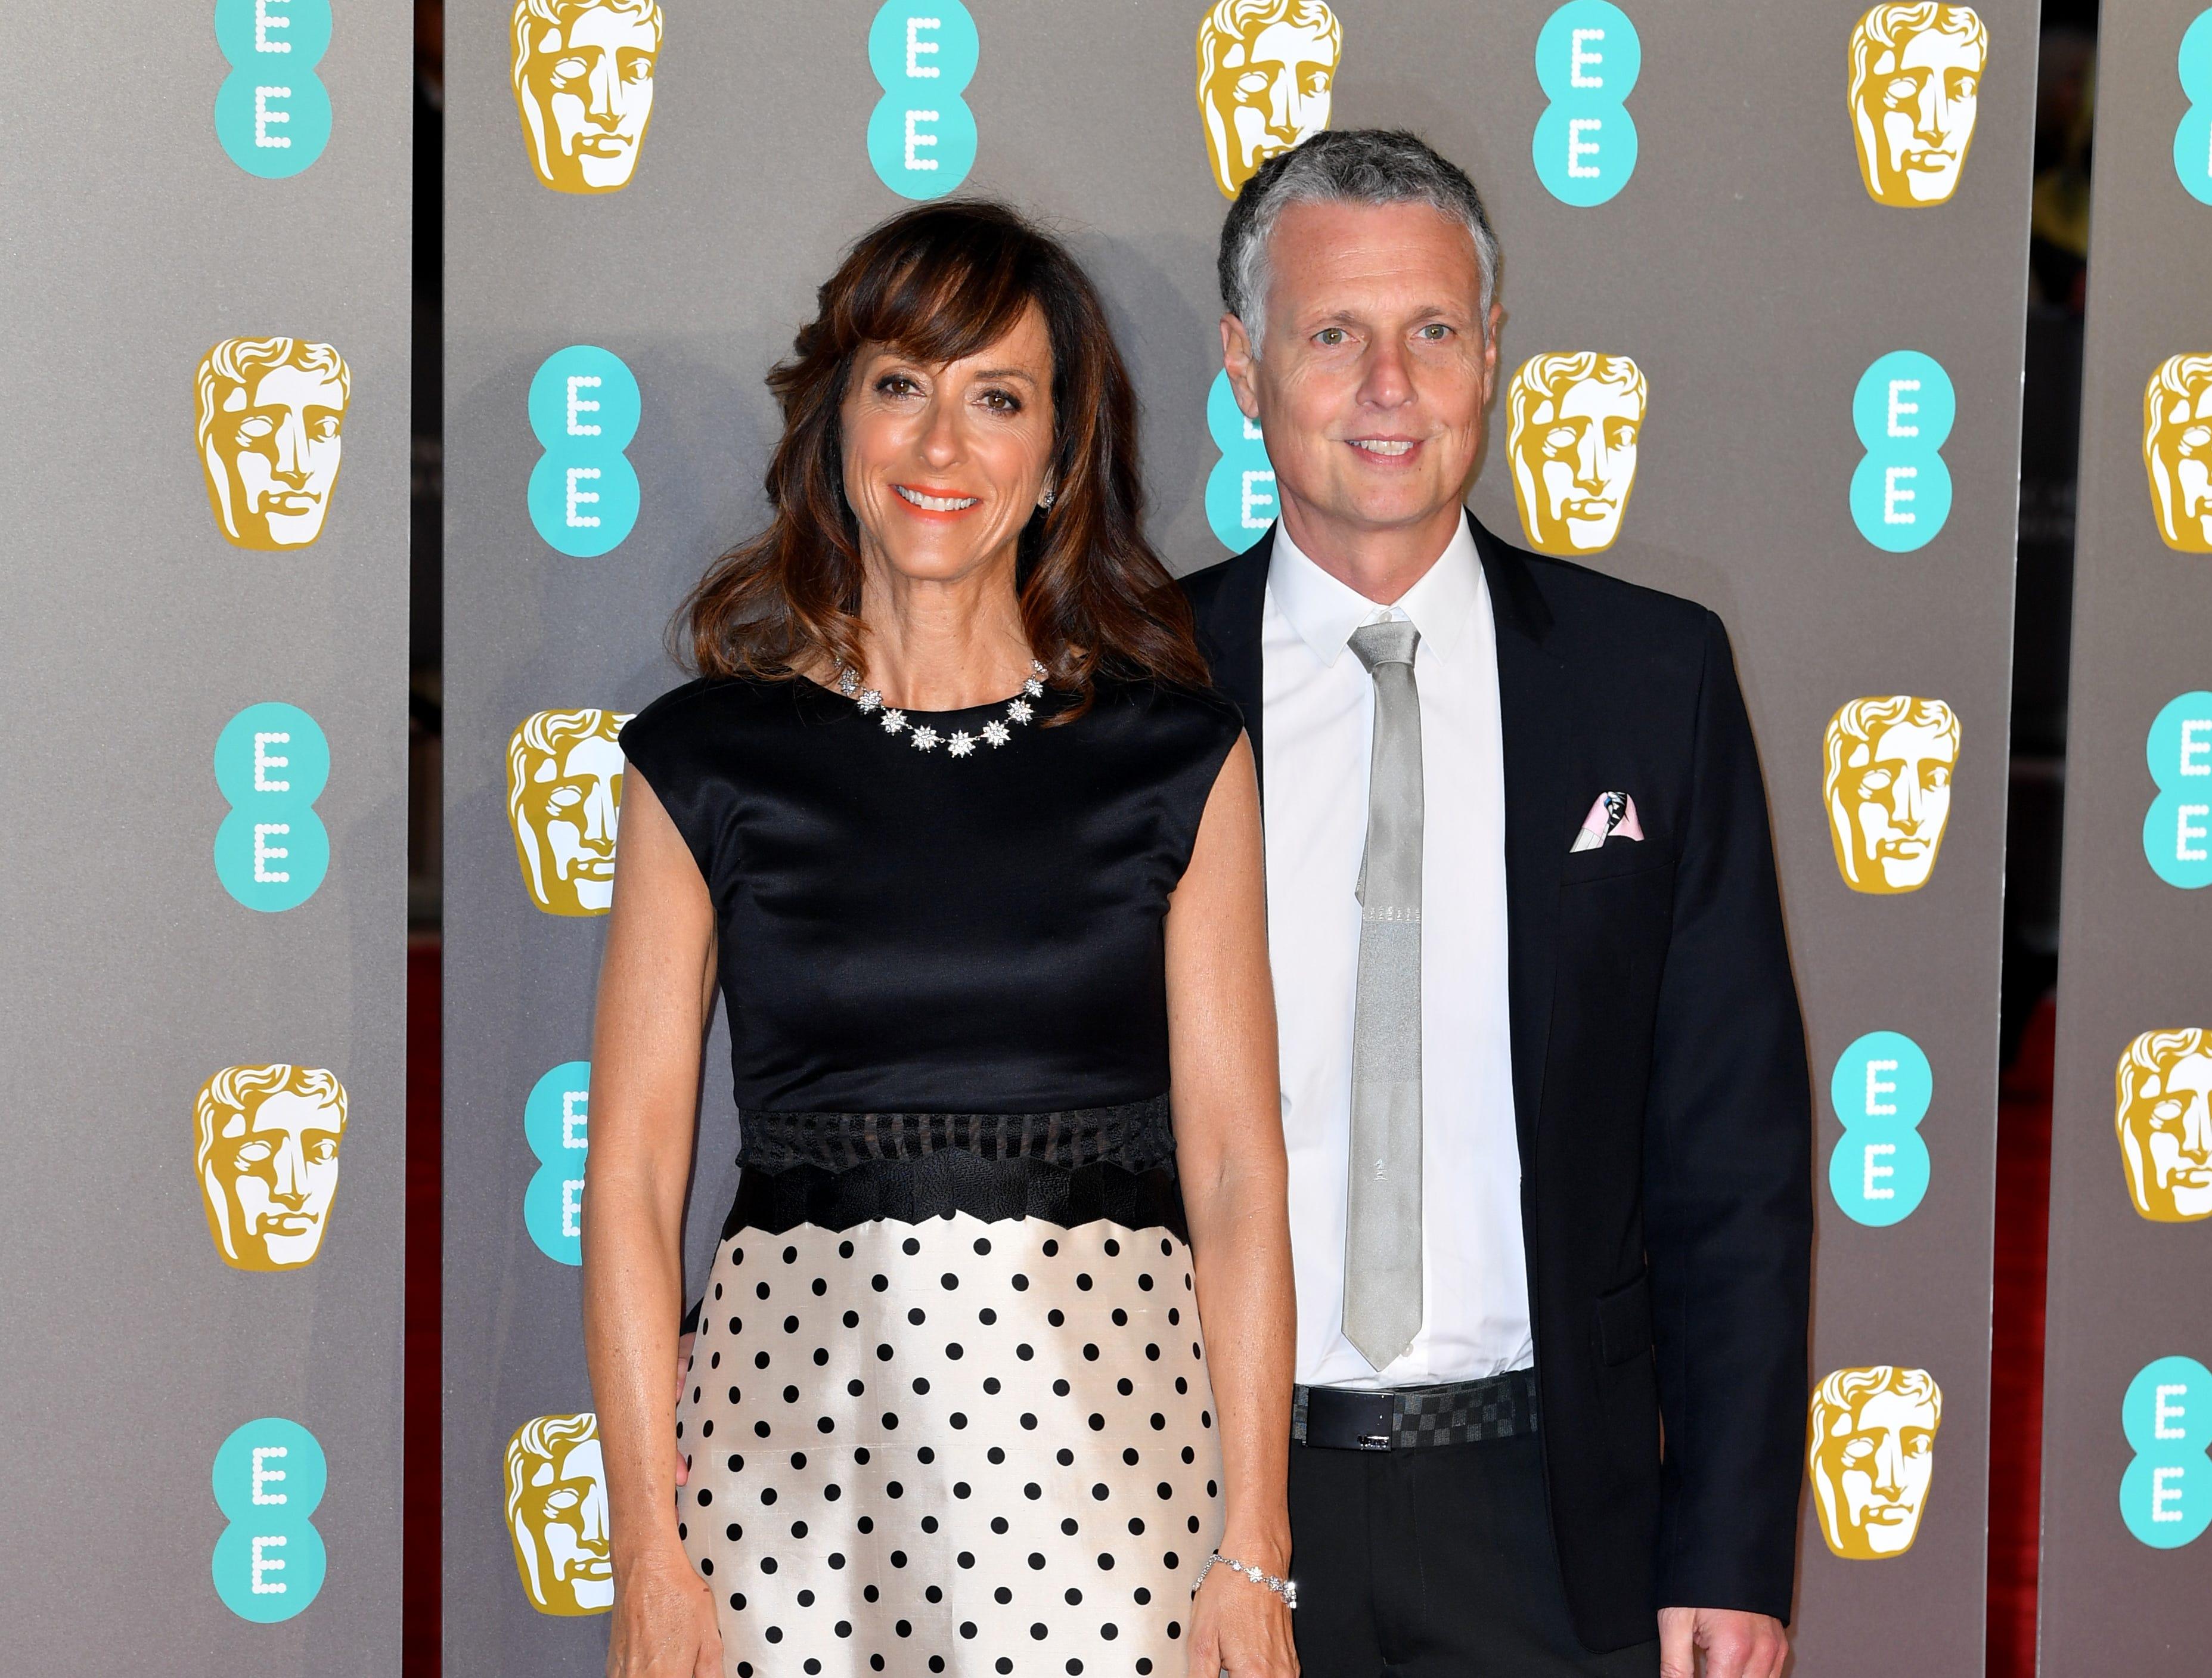 Mary Zophres y su acompañante a su llegada a la alfombra roja de los Premios de la Academia Británica de Cine BAFTA en el Royal Albert Hall en Londres el 10 de febrero de 2019.